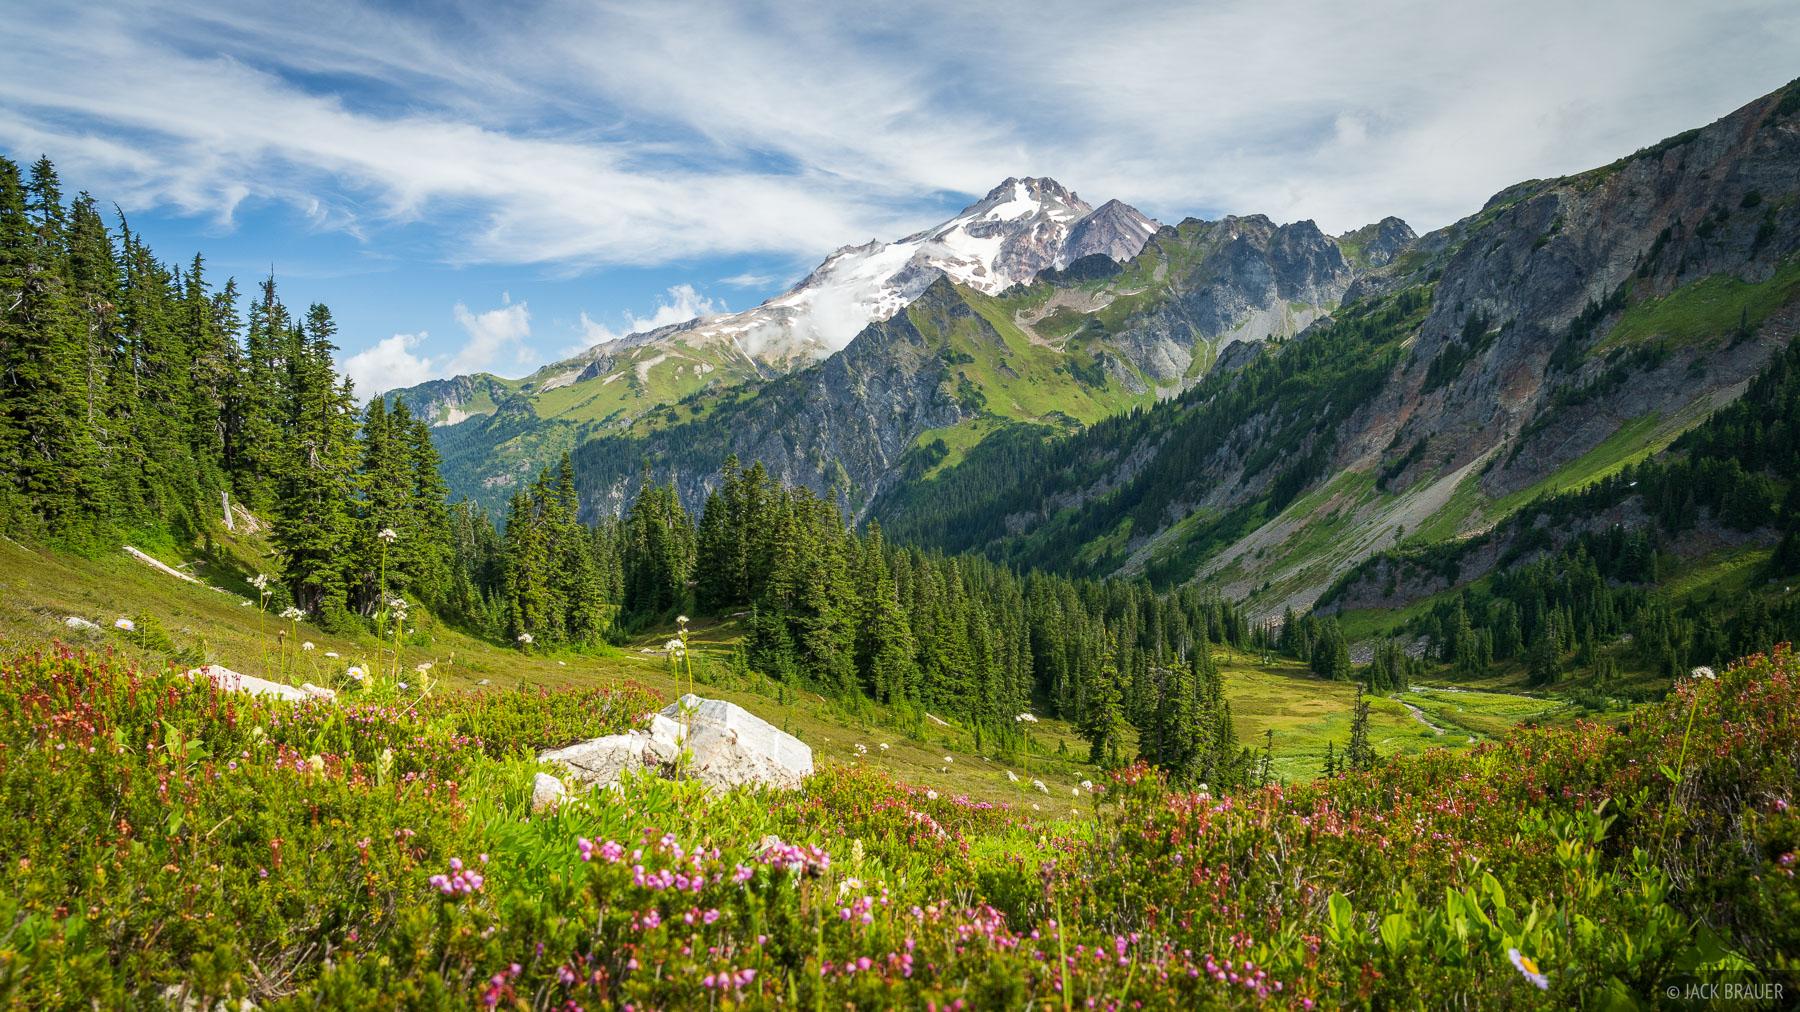 Glacier Peak, Glacier Peak Wilderness, Red Pass, Washington, wildflowers, Cascades, photo